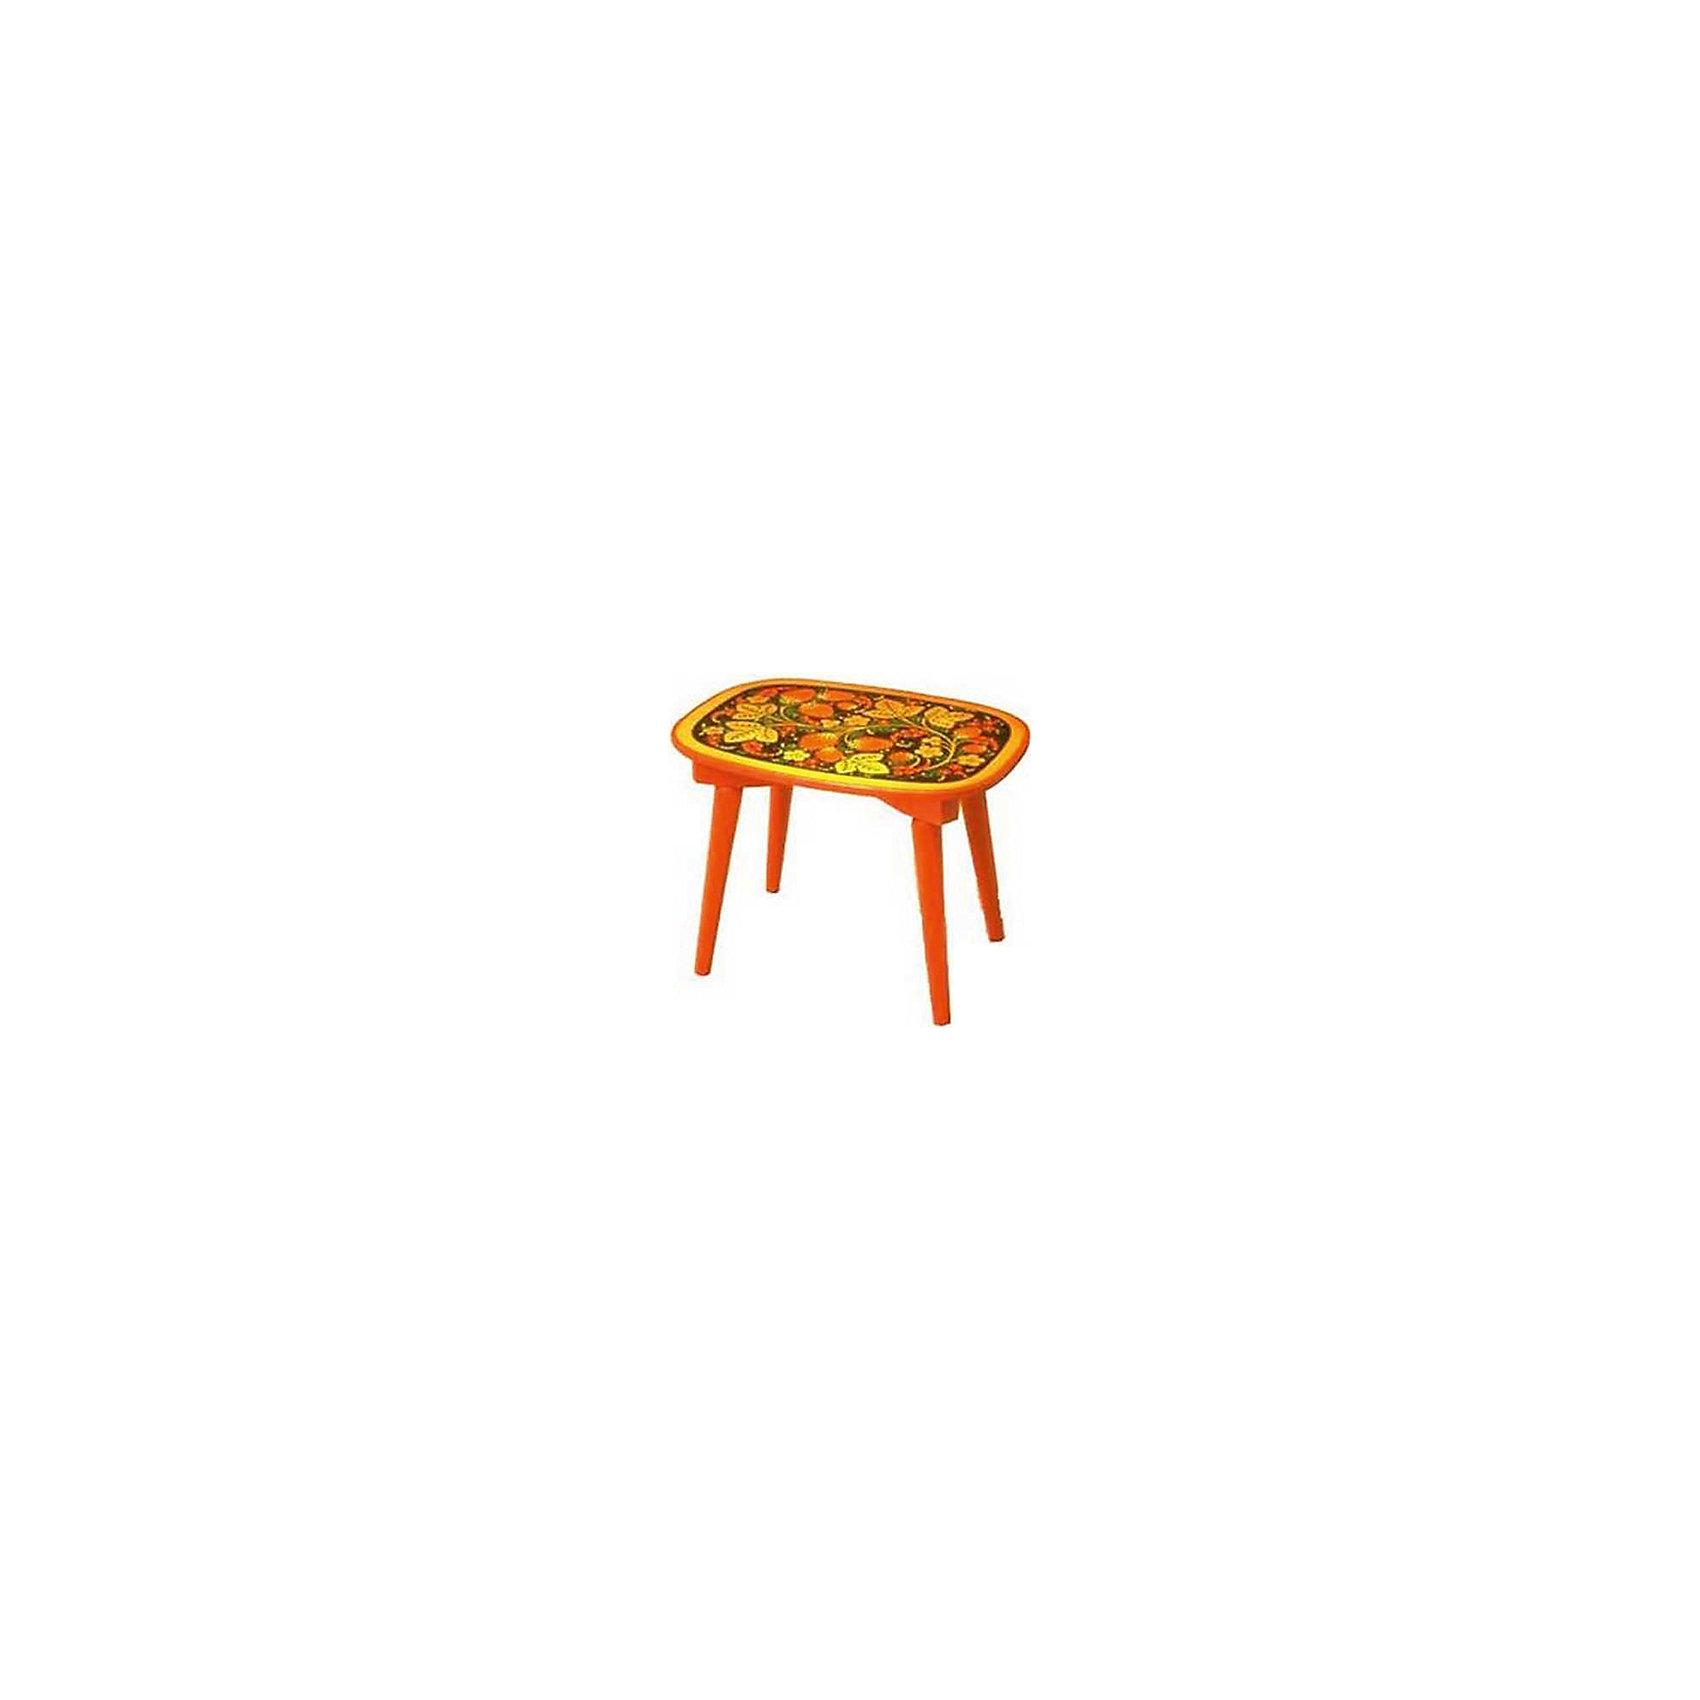 Скамейка с росписью ЯгодаТакая скамейка была практически у каждого в детстве, так пусть и вашего ребенка радует!<br>Яркая красочная скамейка прекрасно подойдет к столу, выполненному в такой же стилистике. Роспись сделана по золотому фону традиционными красным и темно-коричневым цветами. Скамейка изготовленa из дерева, пропитанa льняным маслом и покрытa росписью и безвредным для ребенка лаком. Скамейка очень прочная и устойчивая, покрытие закалено при особом температурном режиме и не будет отслаиваться или облупливаться при частой влажной уборке.<br><br> <br>Дополнительная информация:<br><br>- Возраст: от 6 мес.<br>- Материал: дерево.<br>- Цвет: орнамент - Хохломская роспись  Ягода. <br>- Высота скамейки: 26 см.<br><br>Детскую скамейку с росписью Ягода  можно купить в нашем магазине.<br><br>Ширина мм: 260<br>Глубина мм: 120<br>Высота мм: 300<br>Вес г: 1600<br>Возраст от месяцев: 36<br>Возраст до месяцев: 108<br>Пол: Унисекс<br>Возраст: Детский<br>SKU: 4718371